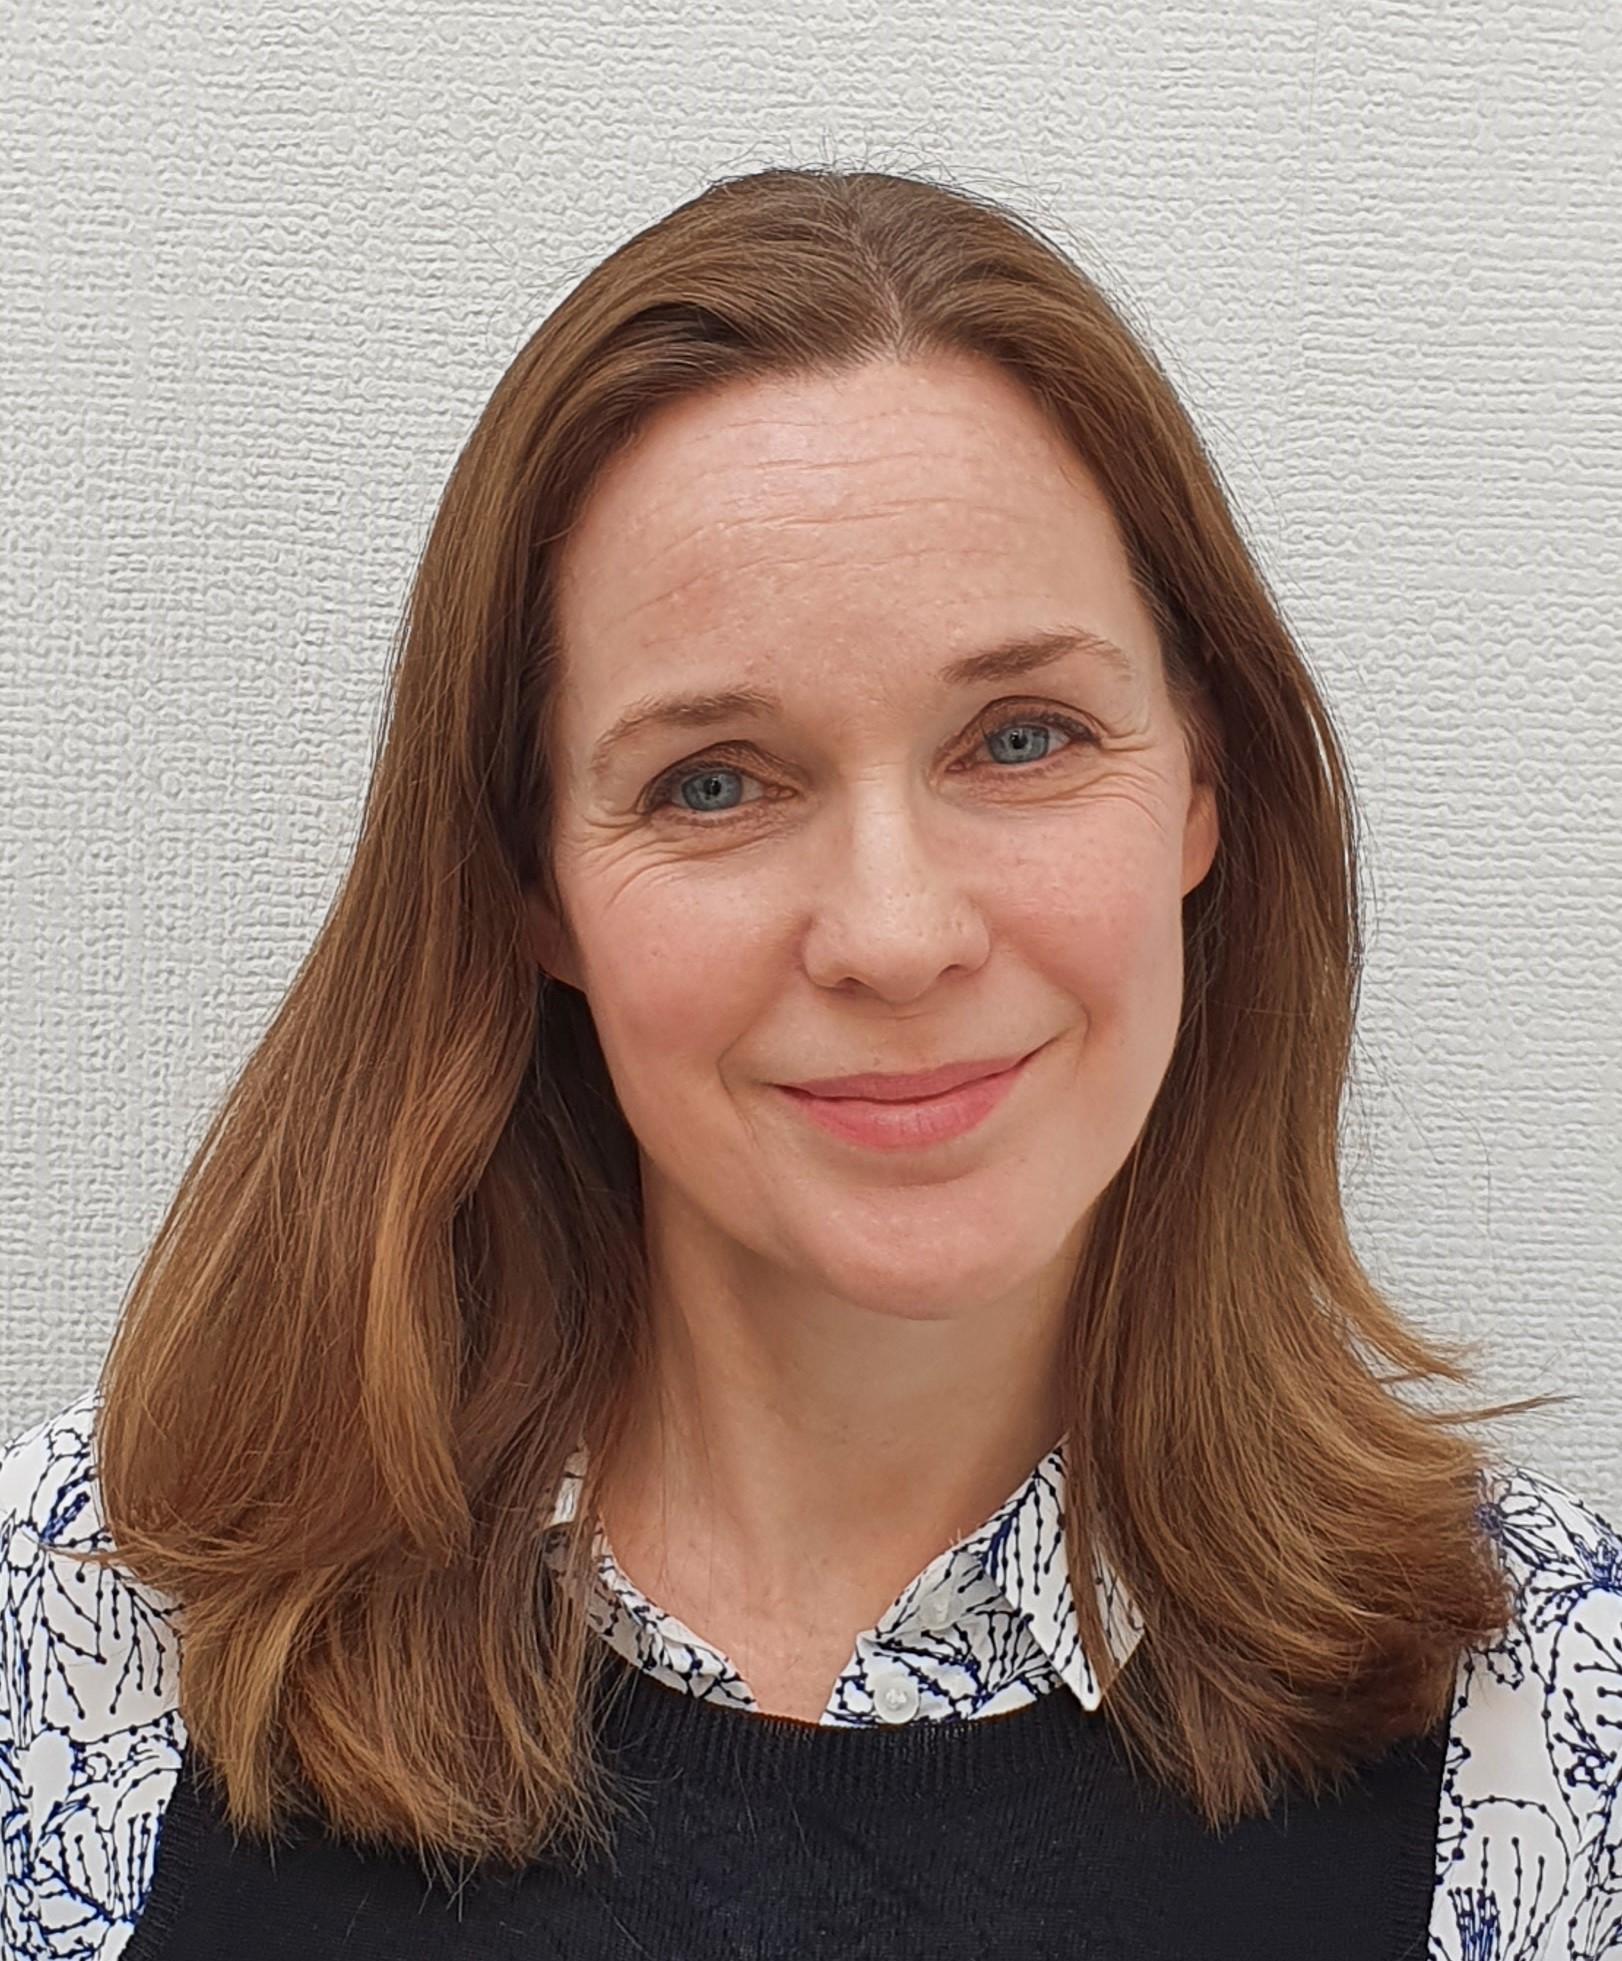 Joanna Kemp